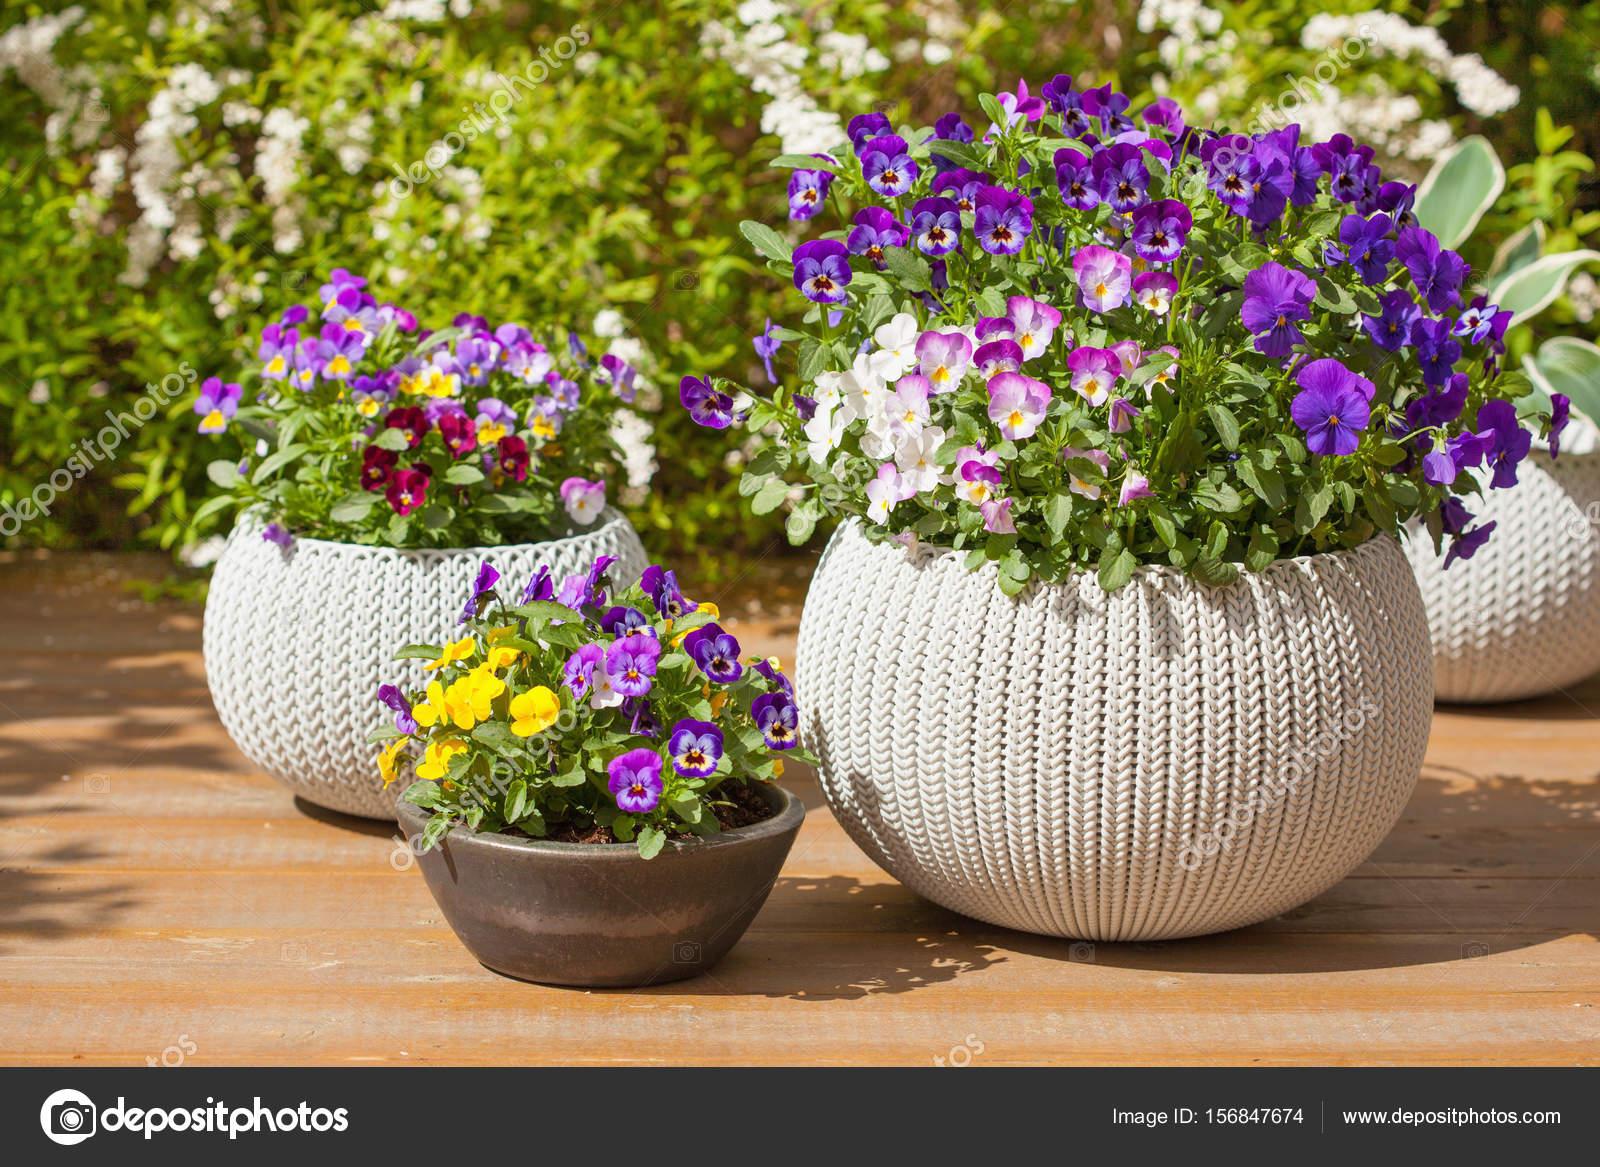 Beautiful pansy summer flowers in flowerpots in garden stock photo beautiful pansy summer flowers in flowerpots in garden photo by duskbabe izmirmasajfo